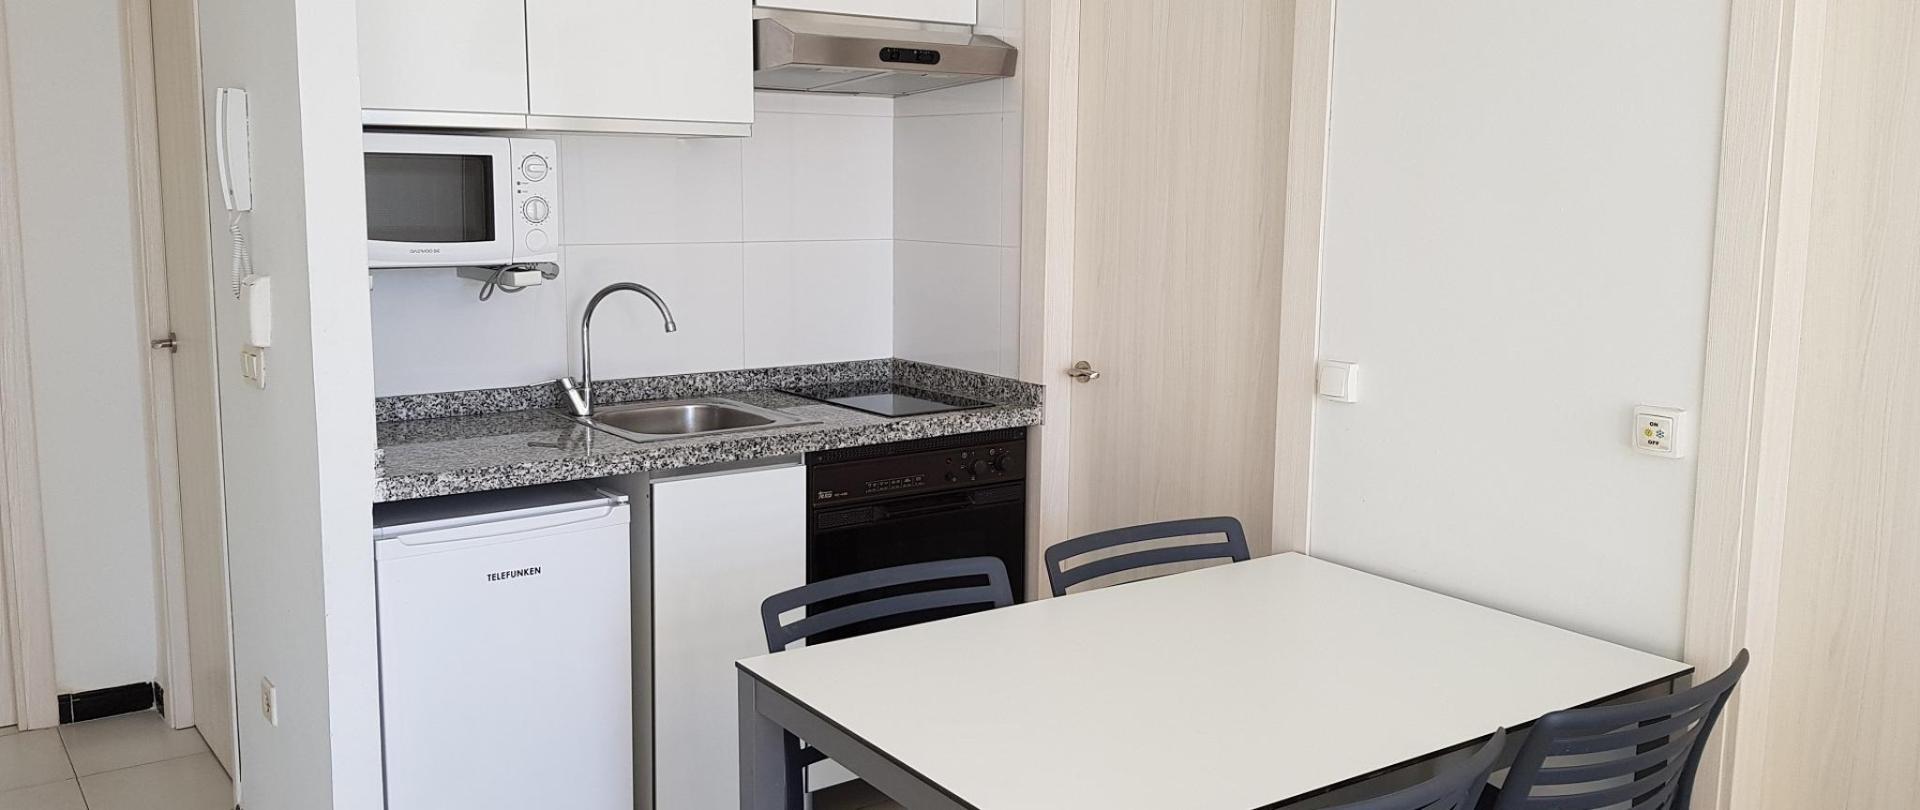 Maria Victoria apartamento 2 dormitorios cocina.jpg